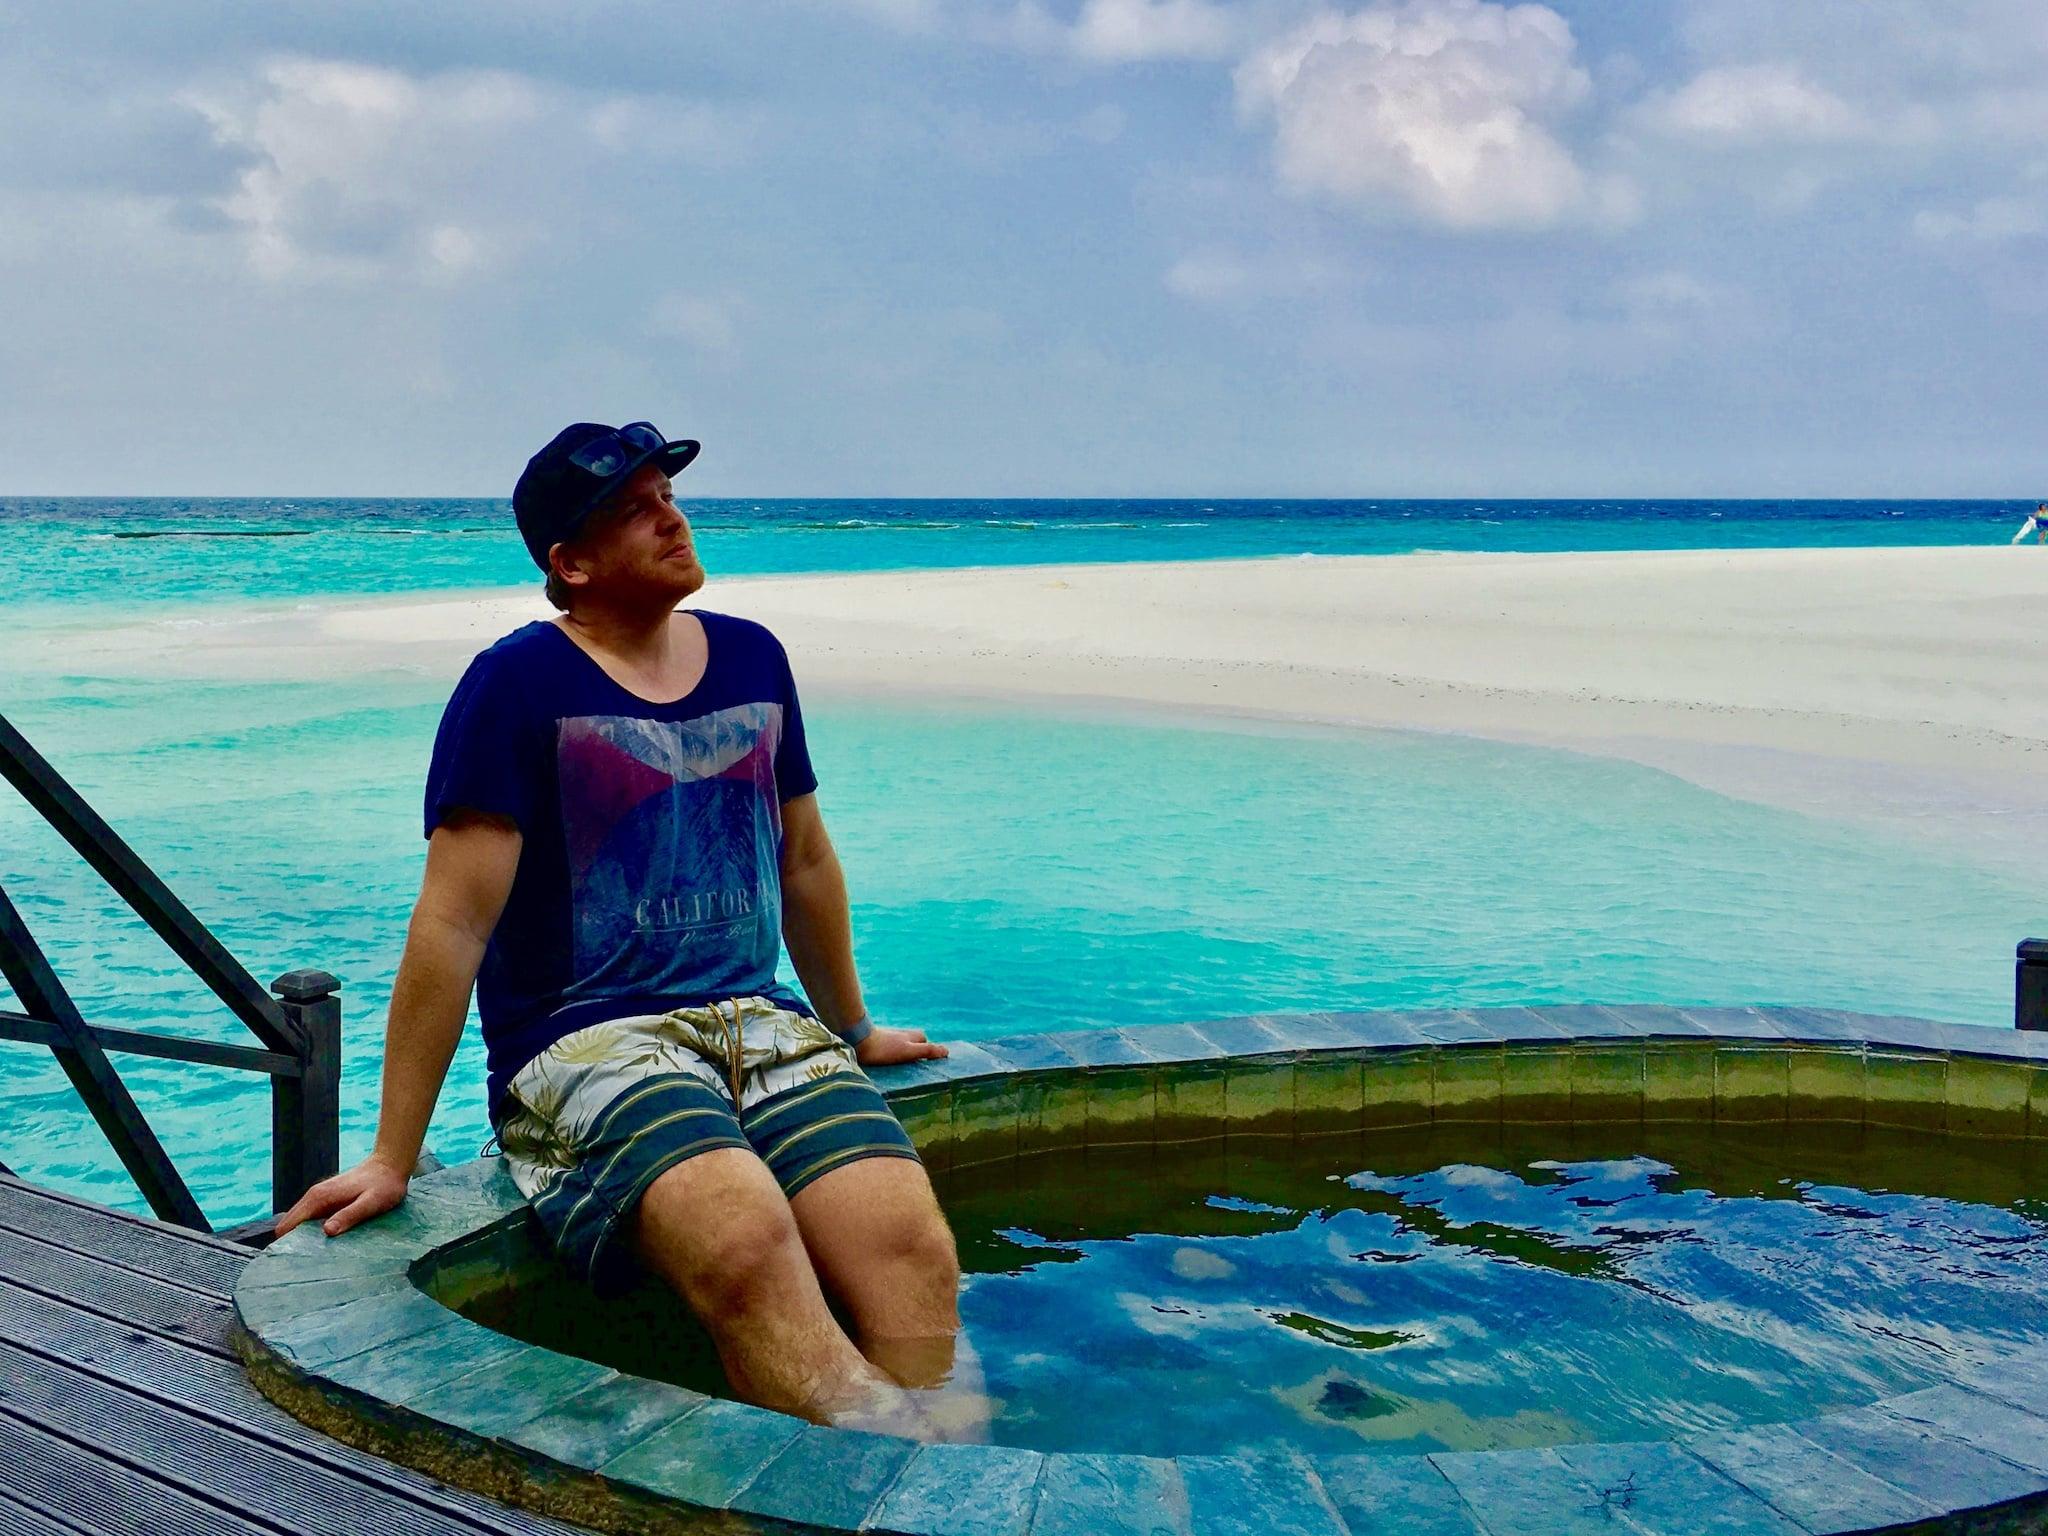 Einfach mal die Seele baumeln lassen und so richtig vom Alltag abschalten – das funktioniert auf den Malediven ganz wunderbar. Reisebericht Malediven Tipps